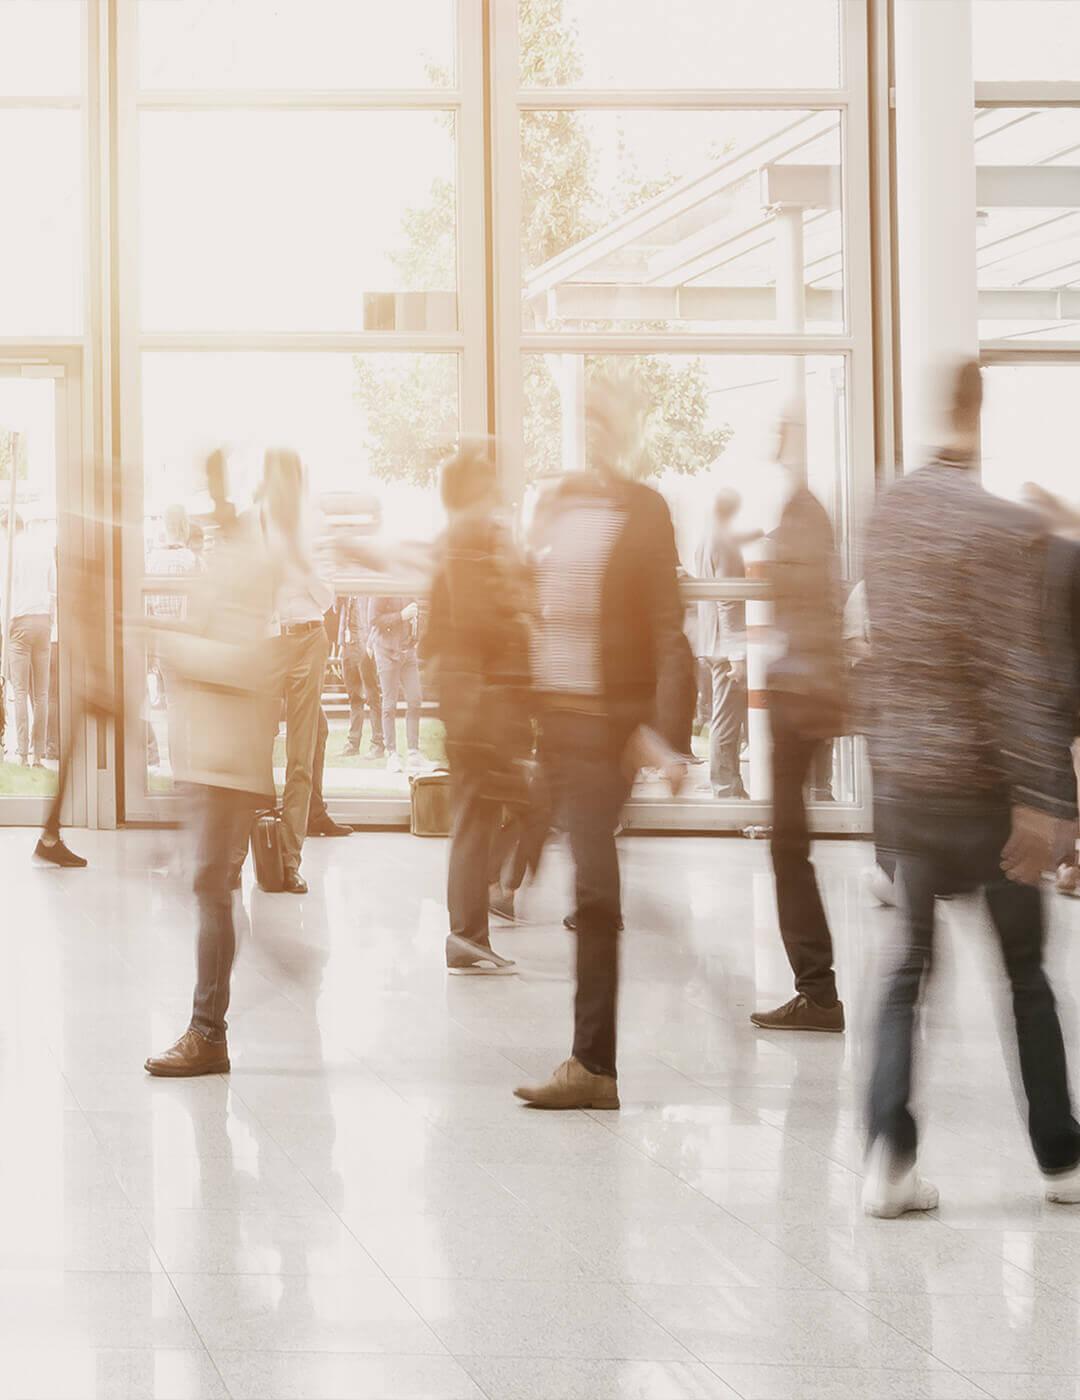 Menschen in einer Messehalle